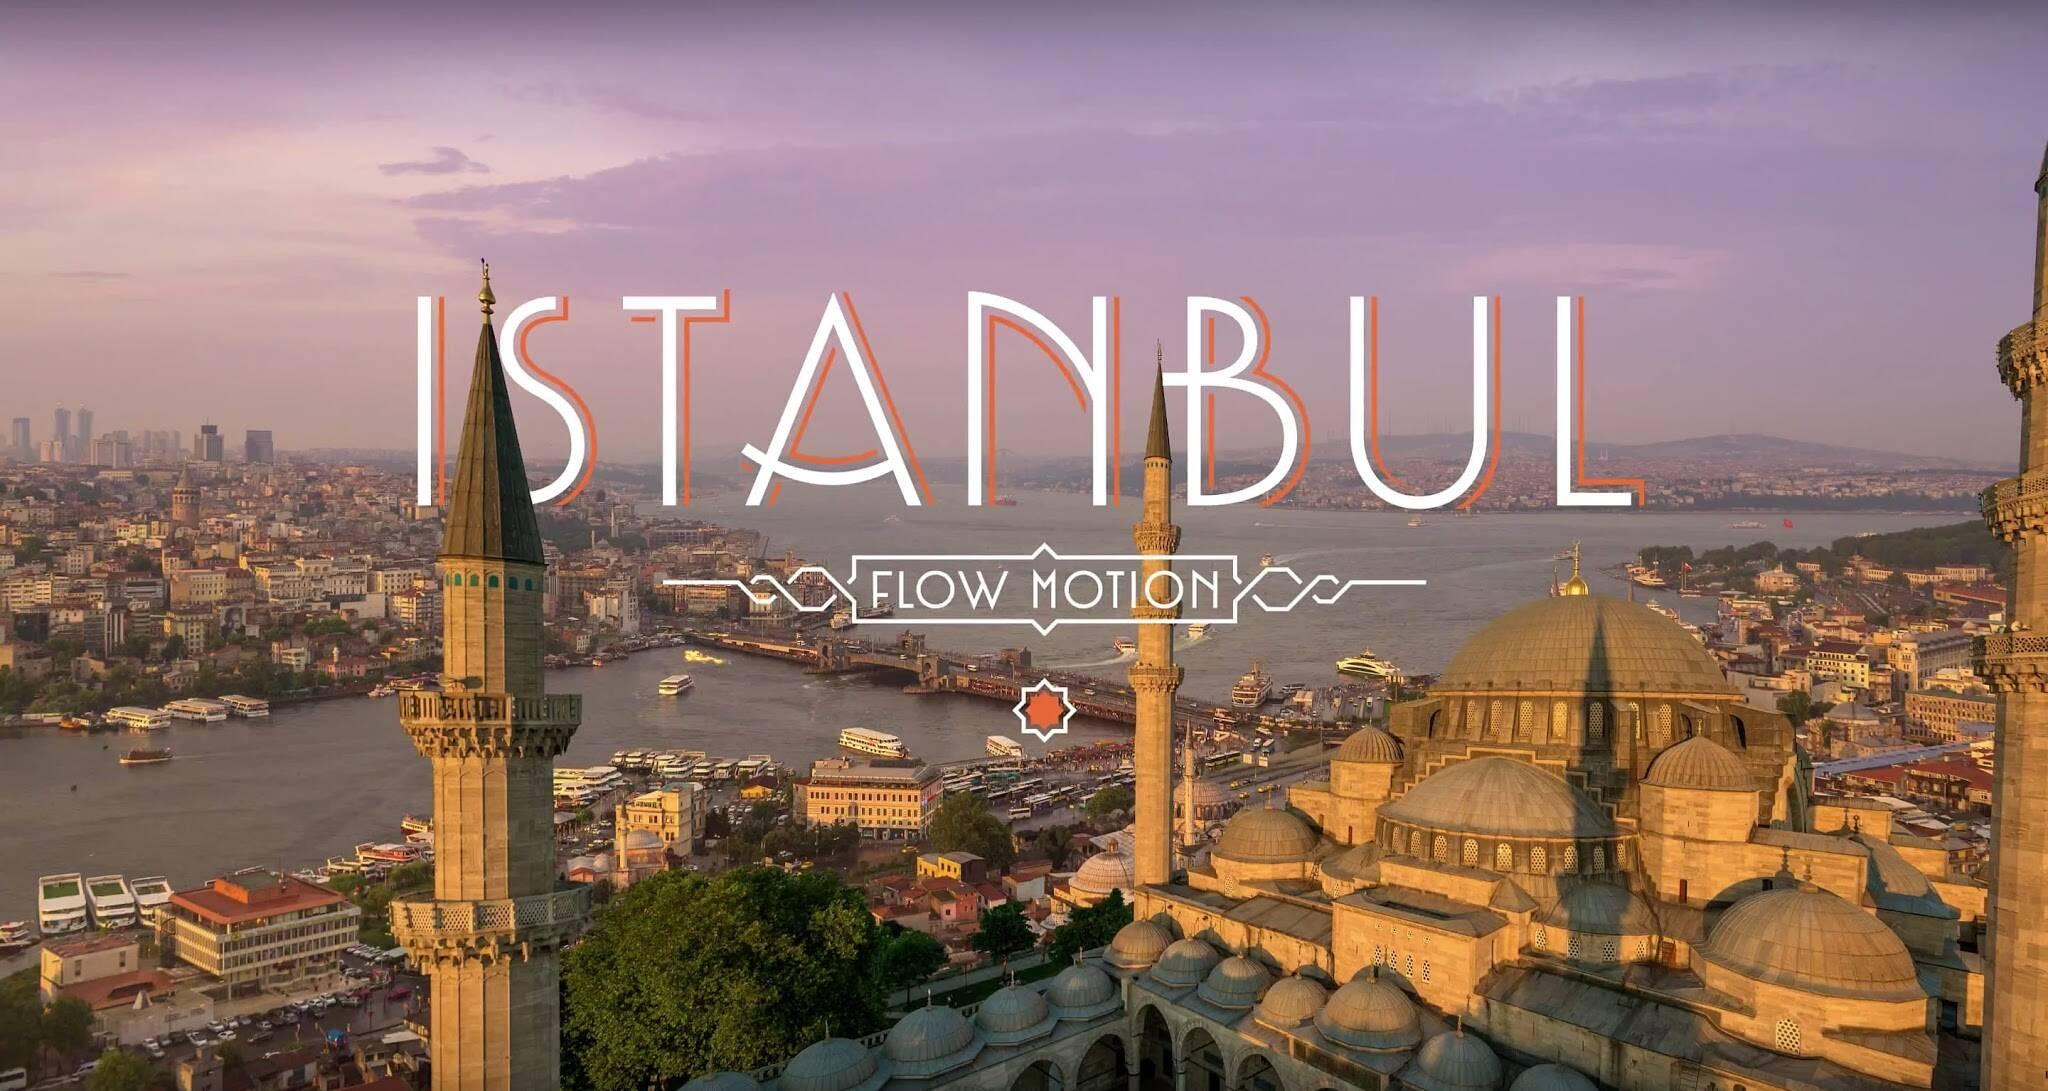 Flow Motion incrível em 4K da cidade de Istambul, na Turquia